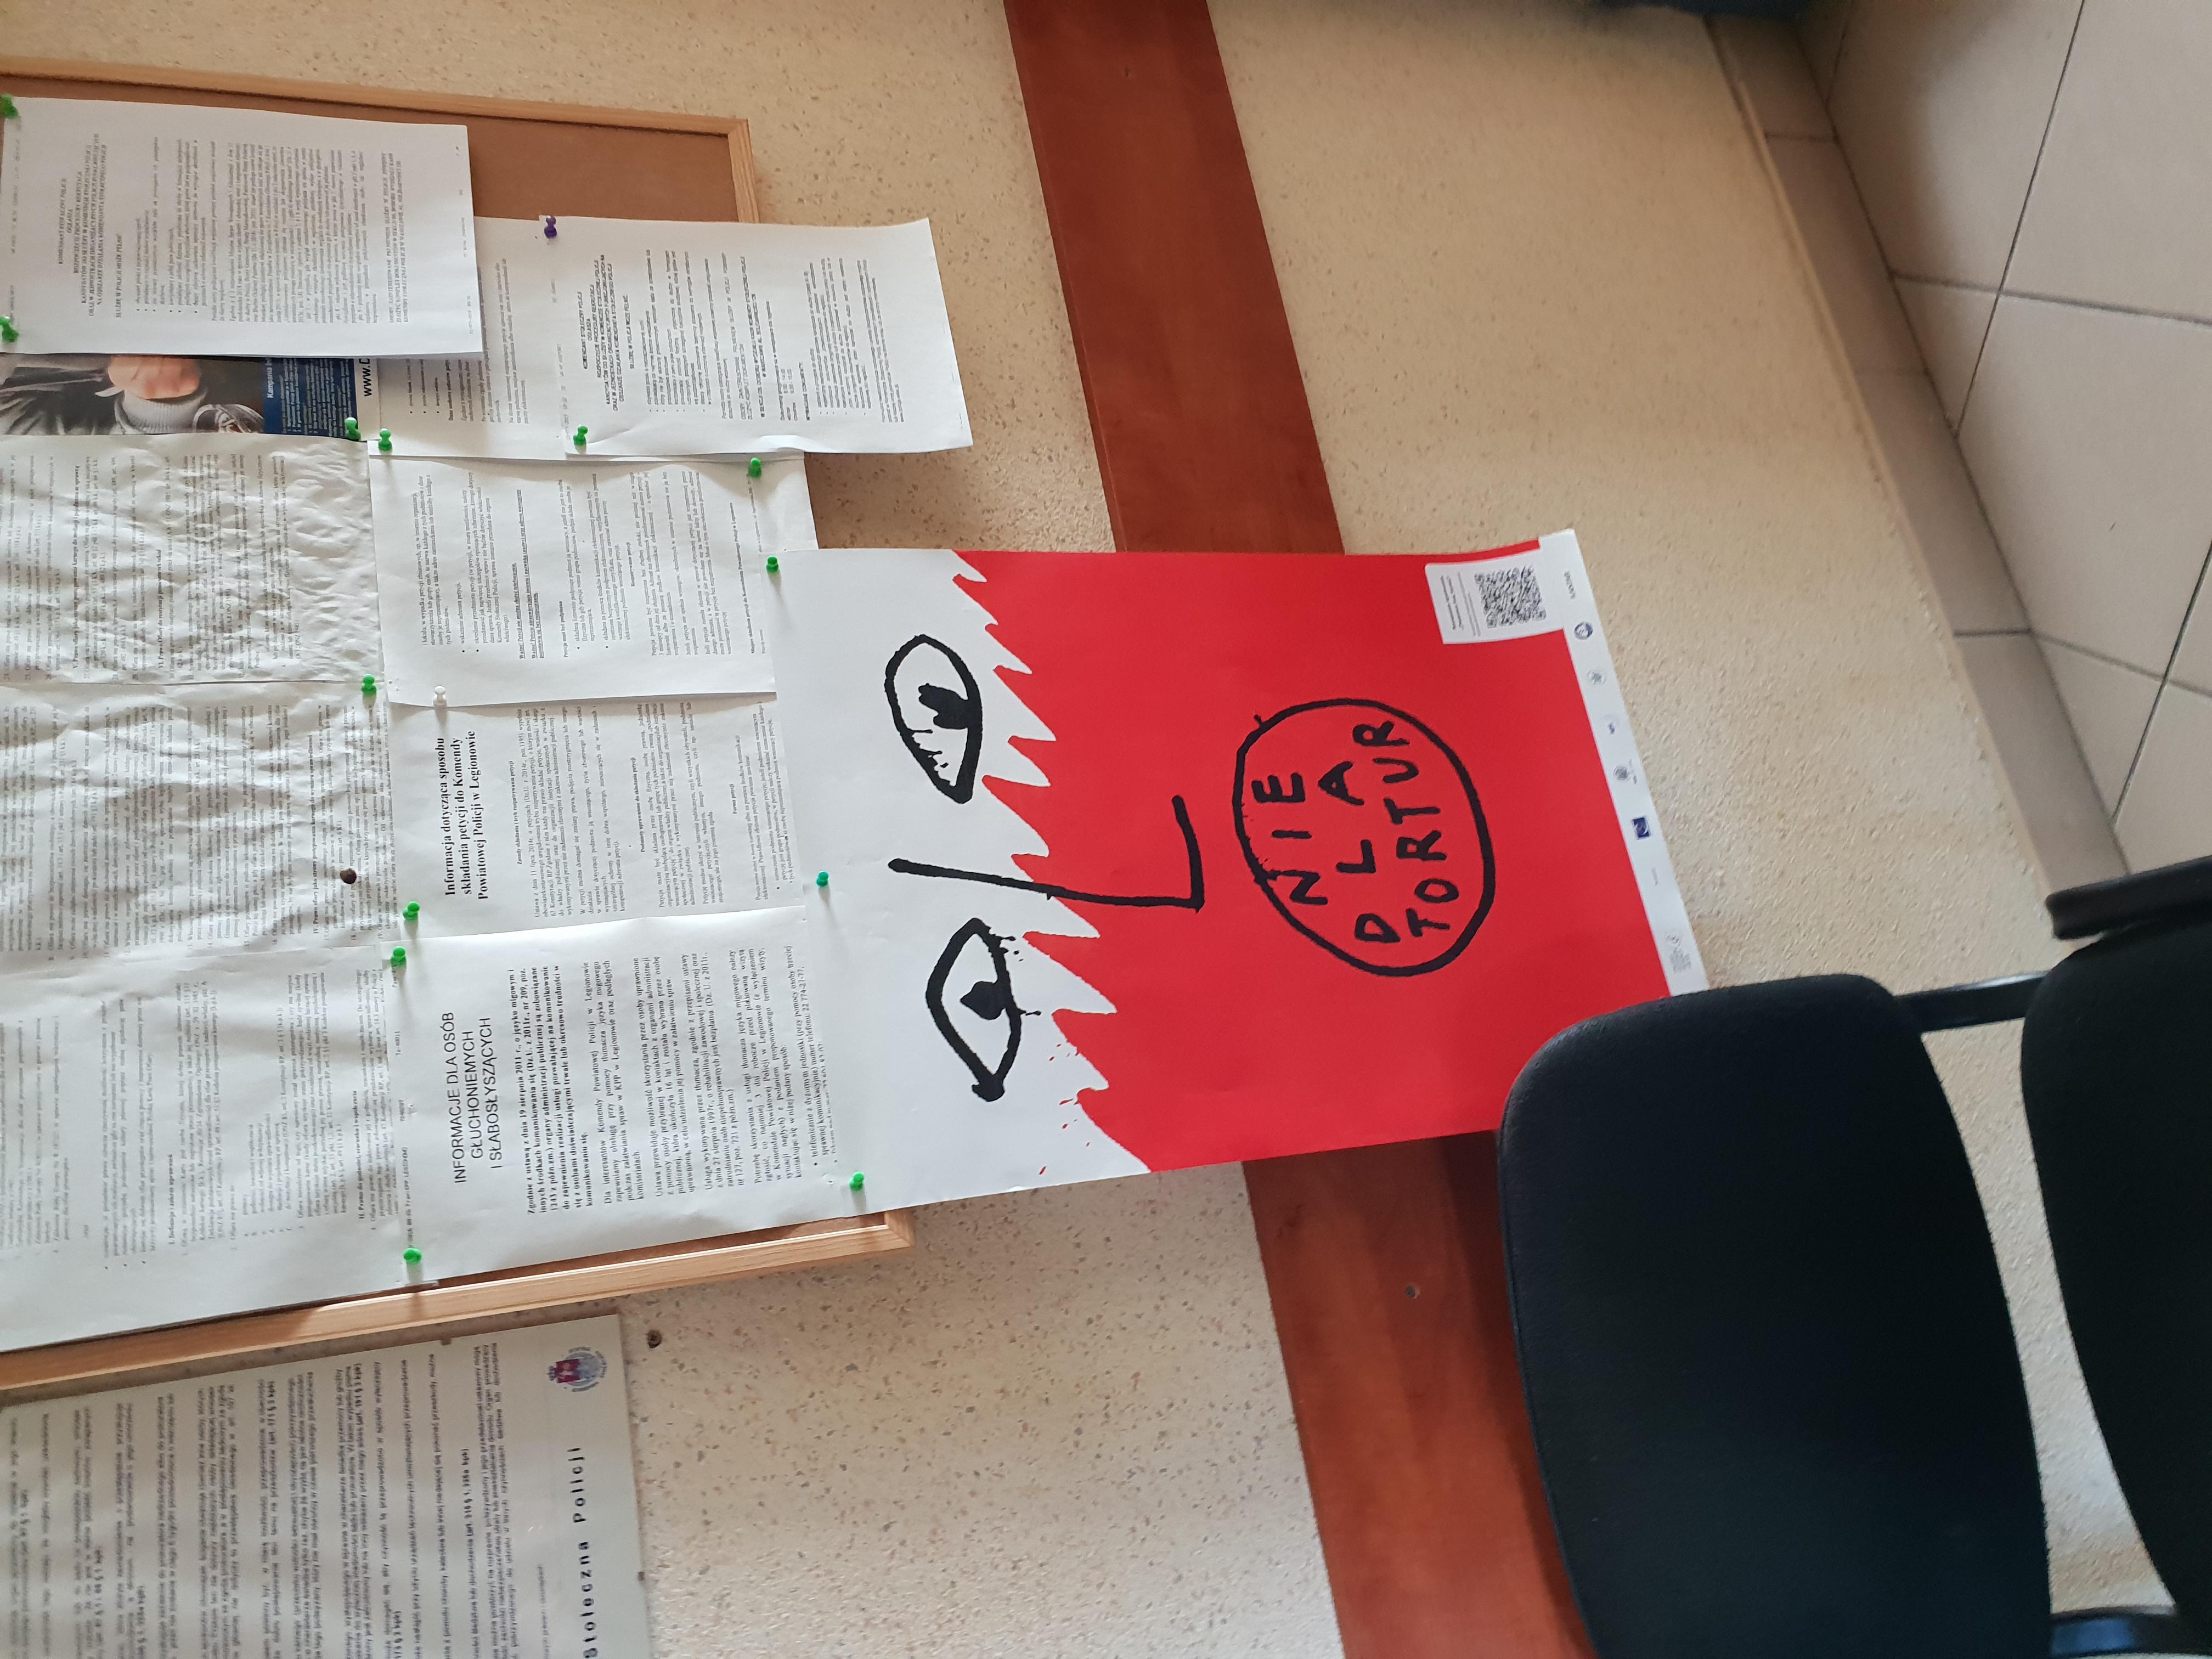 Na zdjęciu po lewej stronie widać krzesło, a nad nim znajduje się tablica korkowa, na której wisi plakat przedstawiający biało-czerwoną twarz z napisem: nie dla tortur